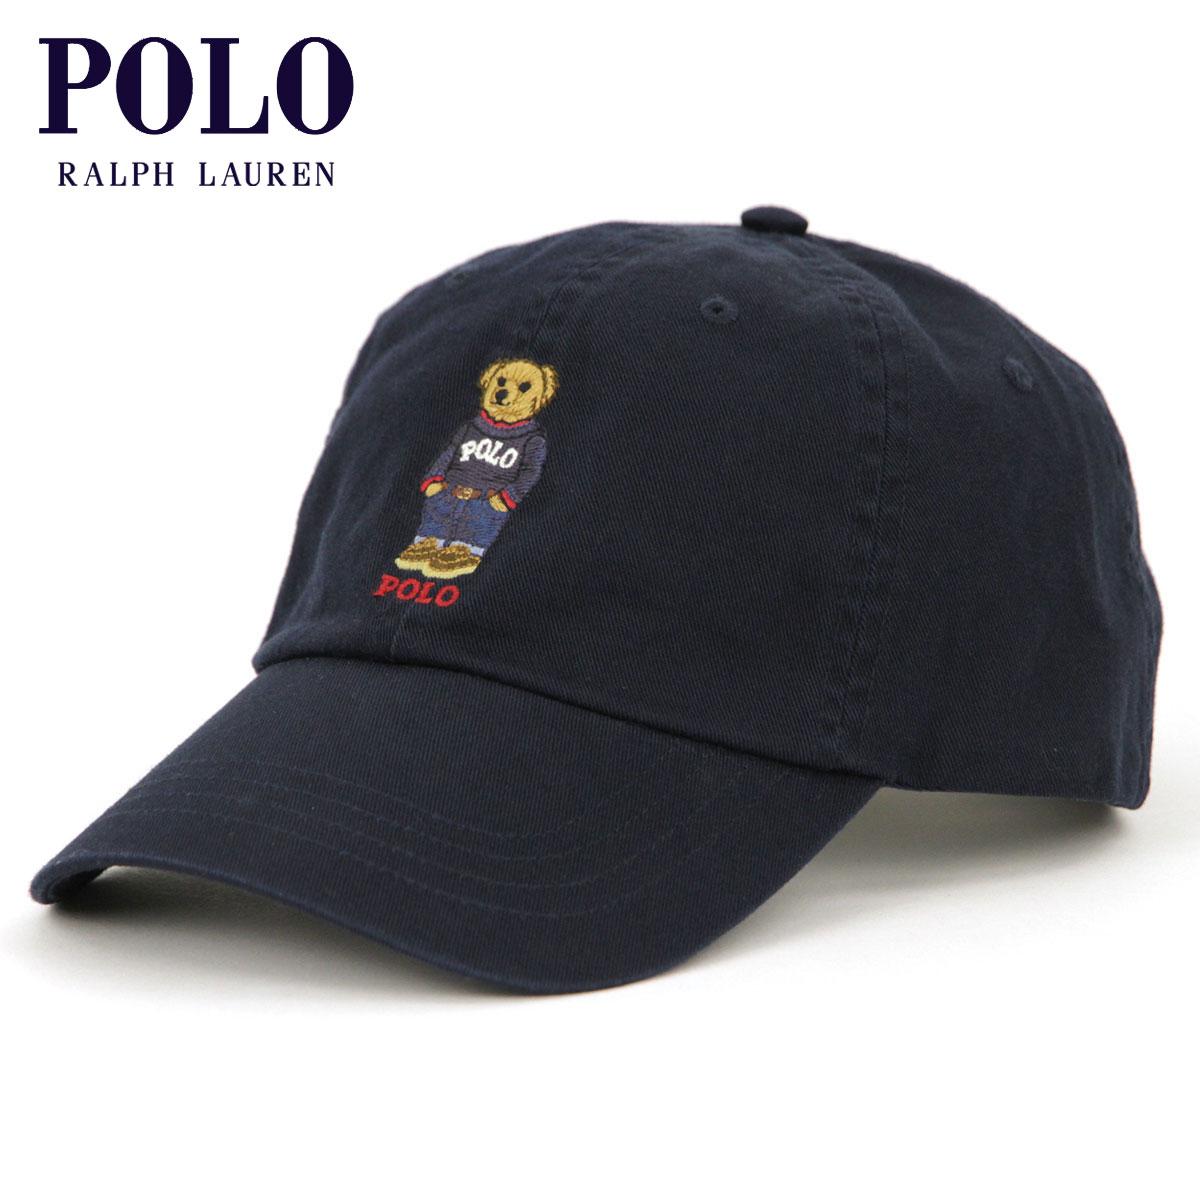 e39b84a3a9e54 Polo Ralph Lauren POLO RALPH LAUREN regular article men cap hat POLO BEAR  HAT BLACK